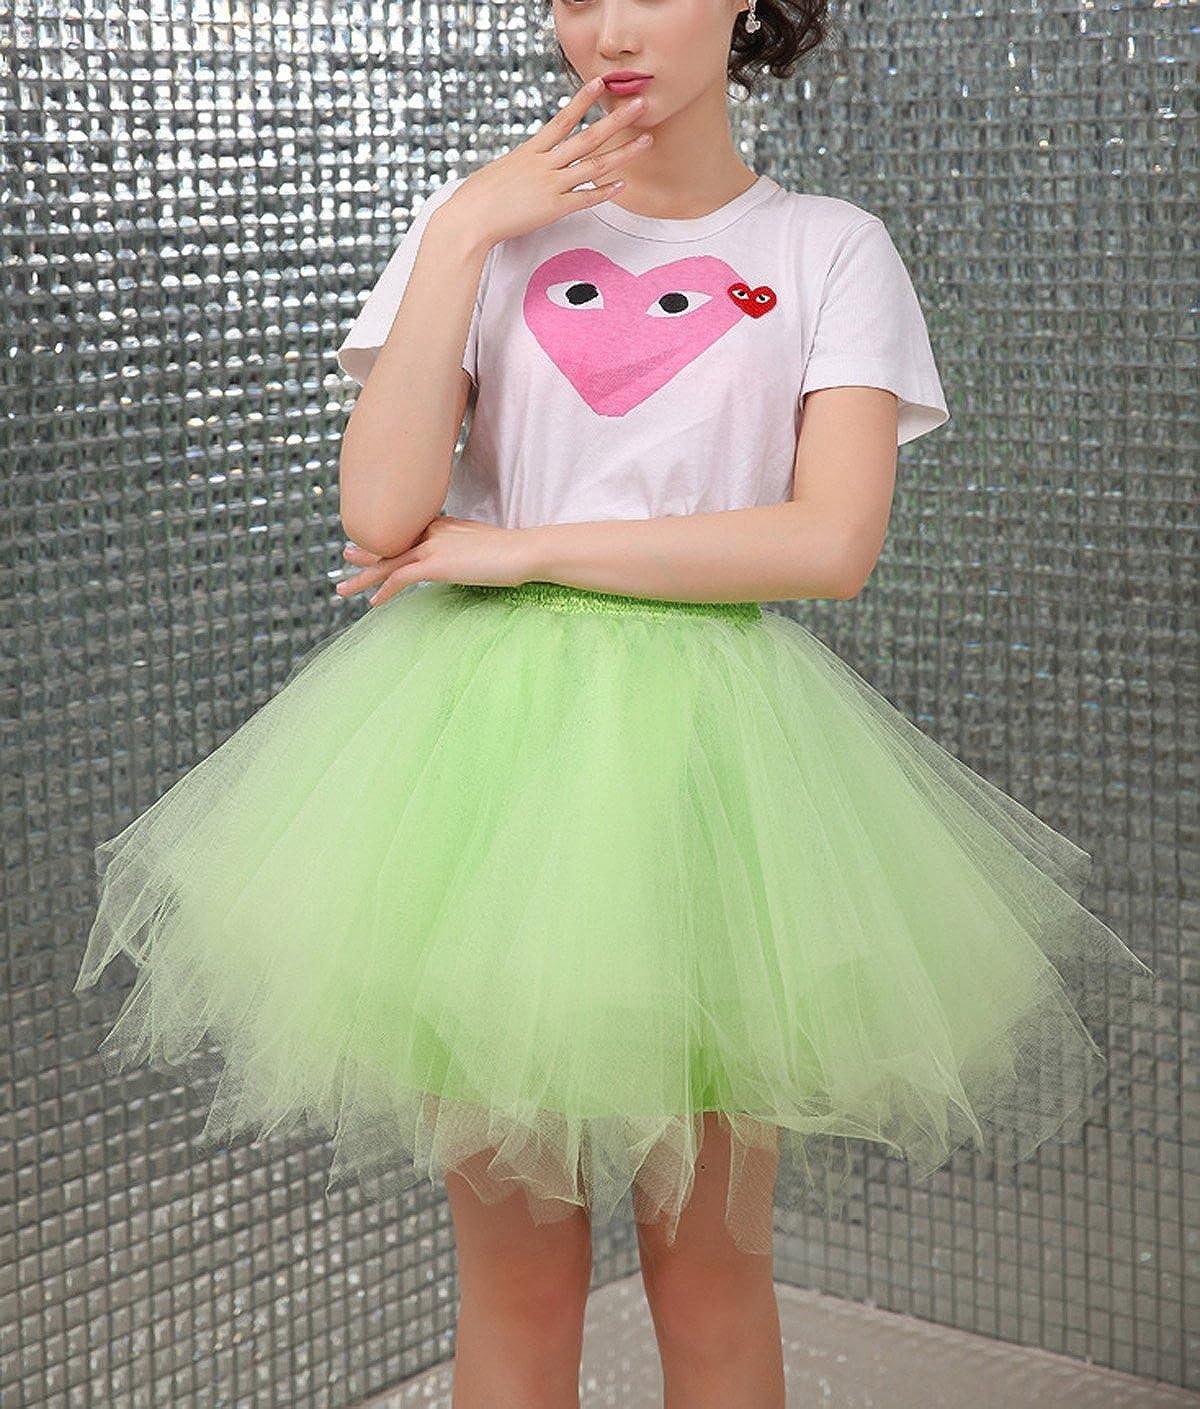 bf0c28ec30 FEOYA Mujer Adultos Falda de Ballet Skirt Princesas Tutú de Tul para Baile  Disfraces Fotografía Fiesta Ampliar imagen